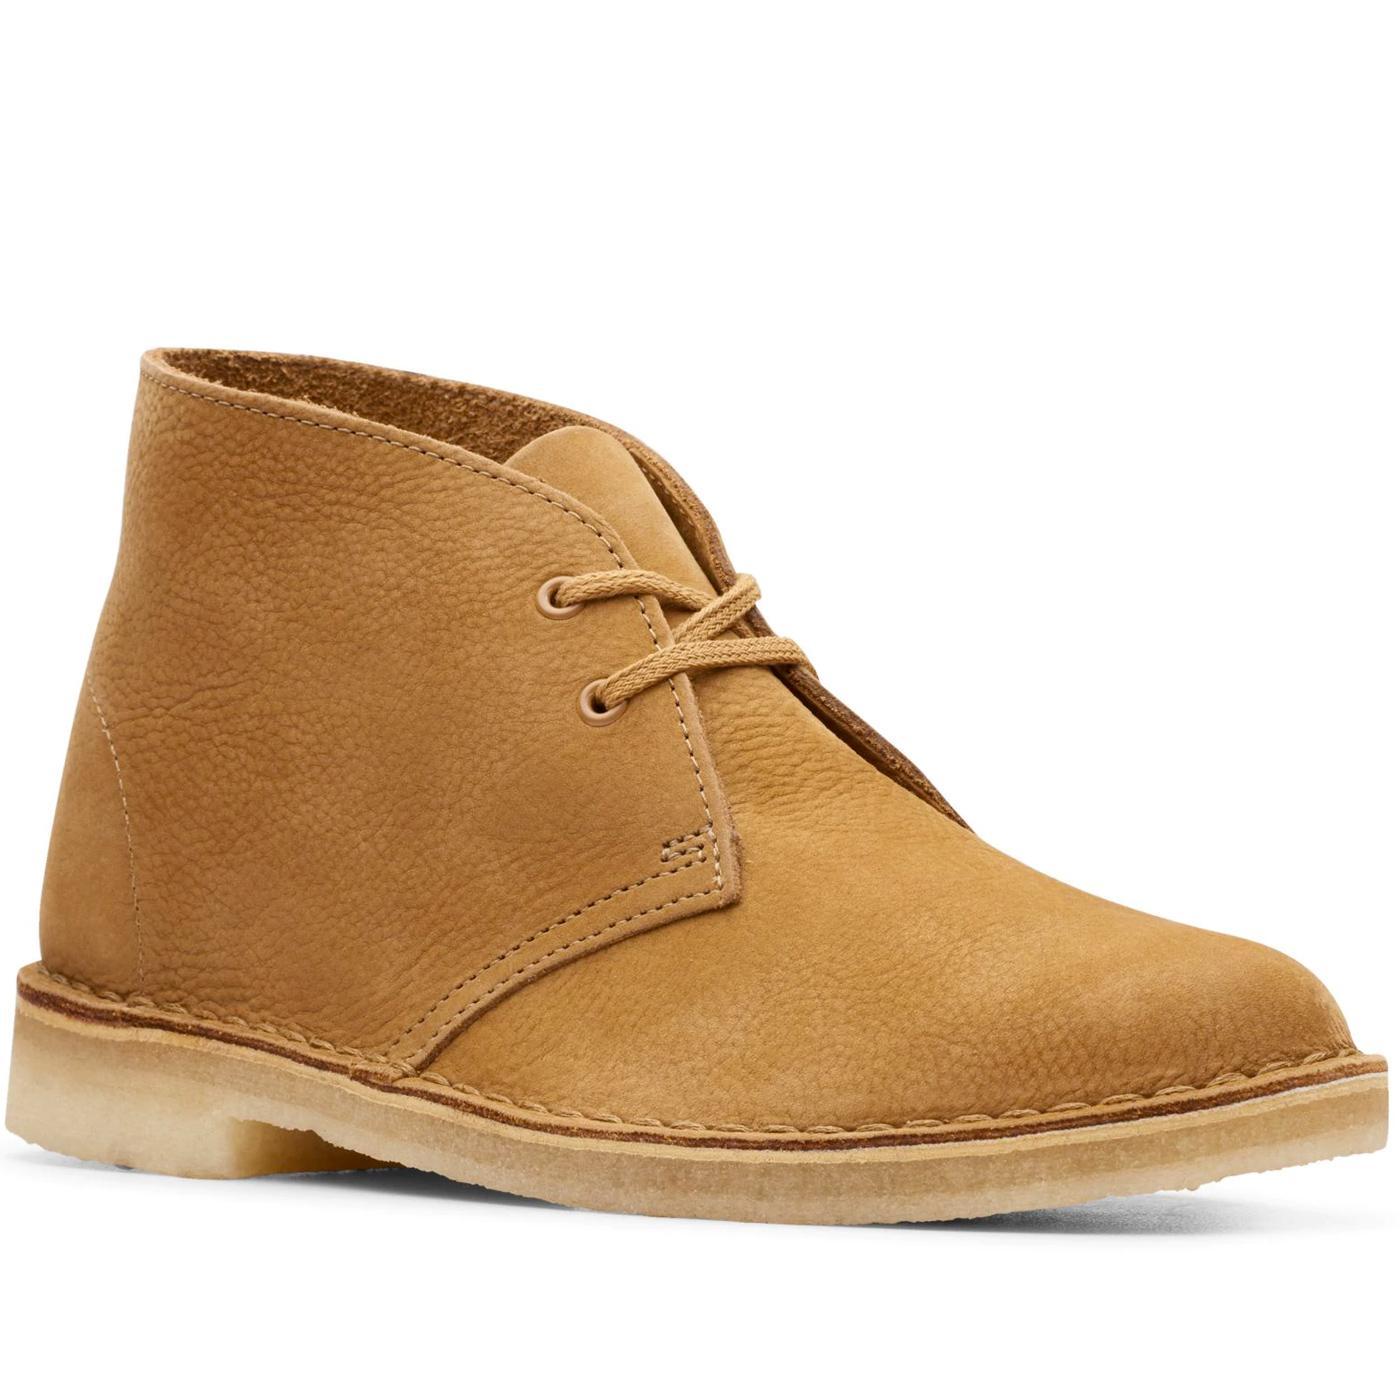 CLARKS ORIGINALS Mod Desert Boots (Oak Nubuck)